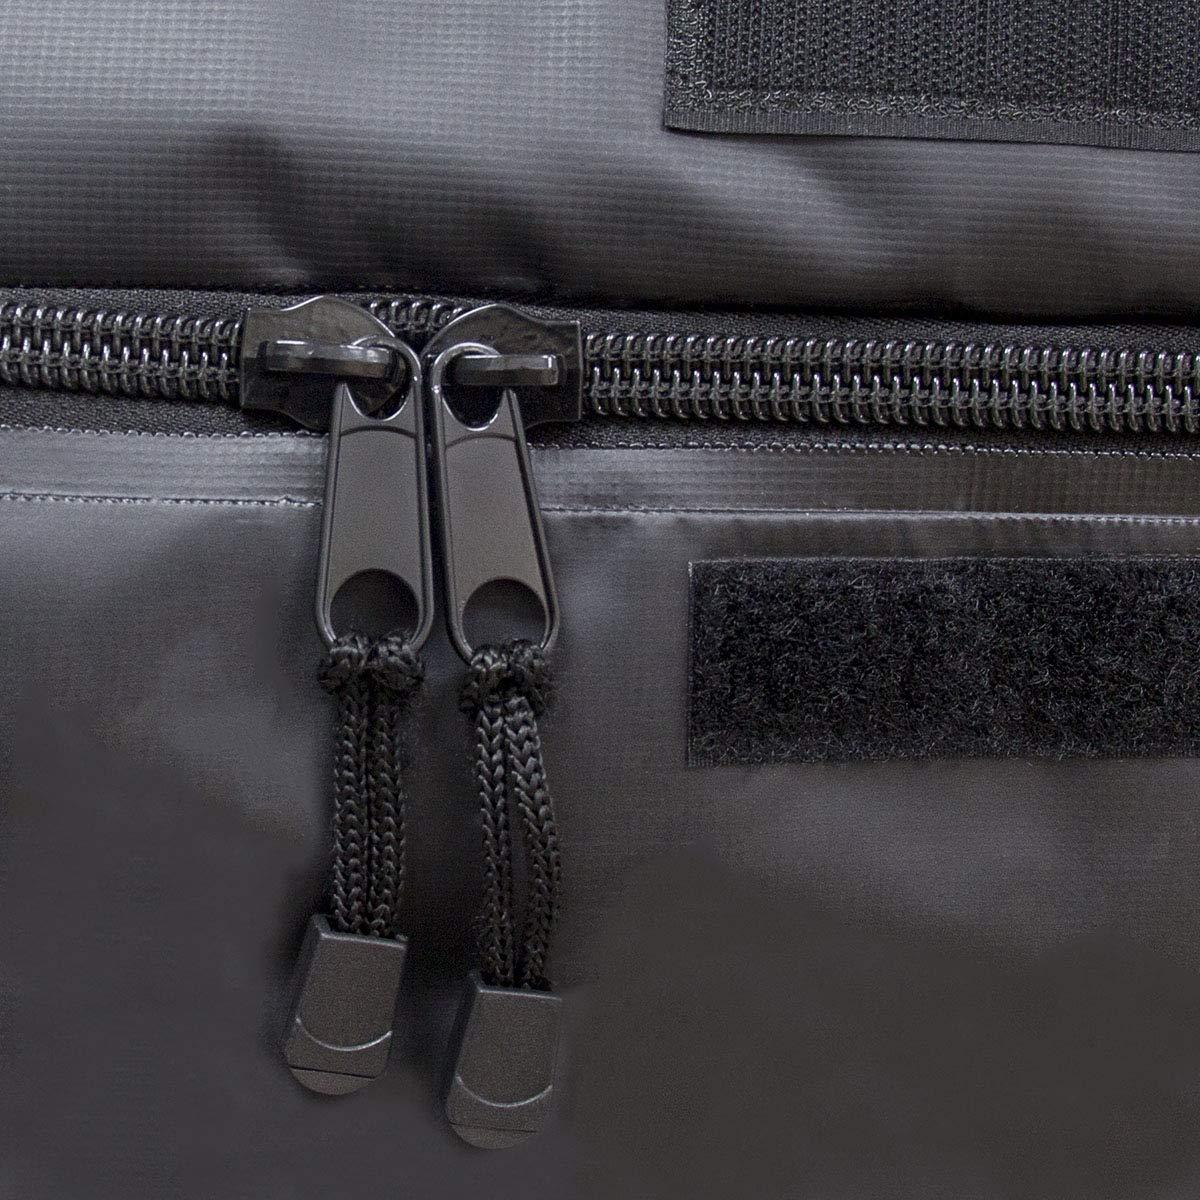 Wisamic Bolsa de Carga para Remolque con Enganche 20 pies c/úbicos 500 x 500D Bolsa de Equipaje de Lona de PVC para Maletero Bolsa Impermeable de 60 x 24 x 24 Pulgadas